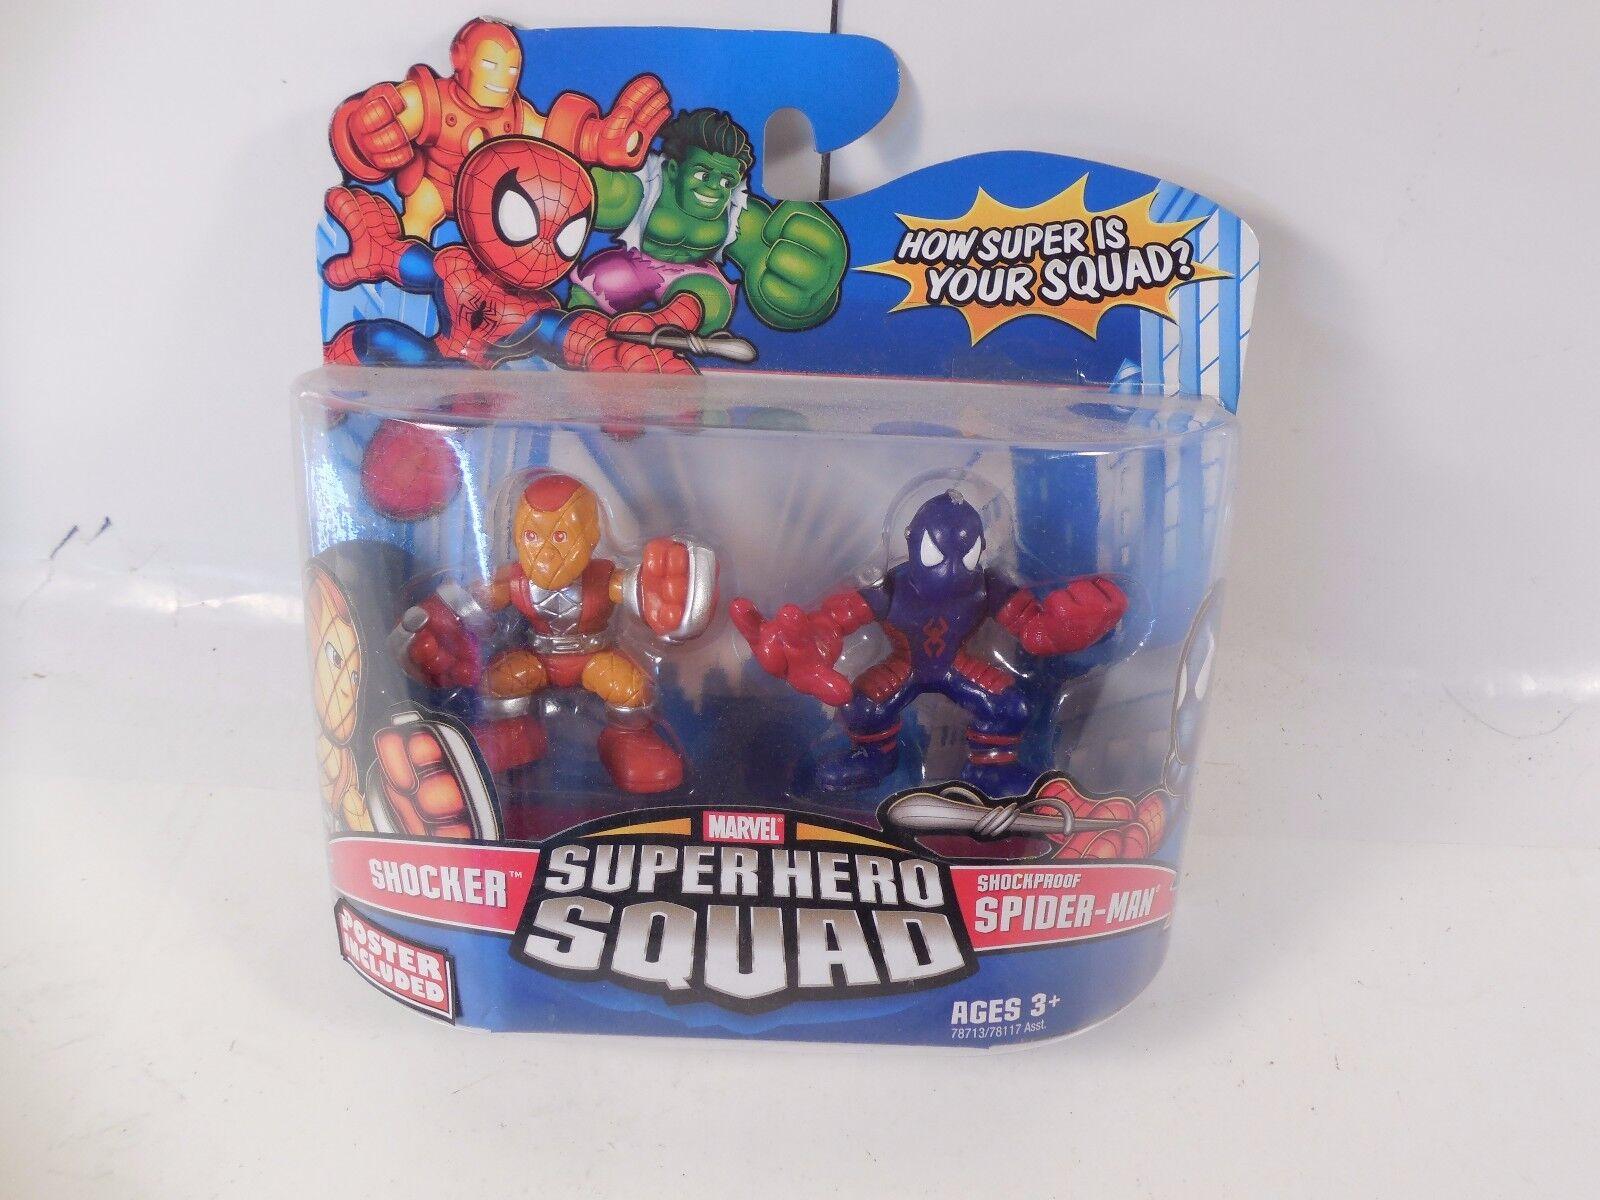 MARVEL SUPER HERO SQUAD SHOCKPROOF SPIDER-MAN & SHOCKER FIGURE Verpackung SEALED MOC